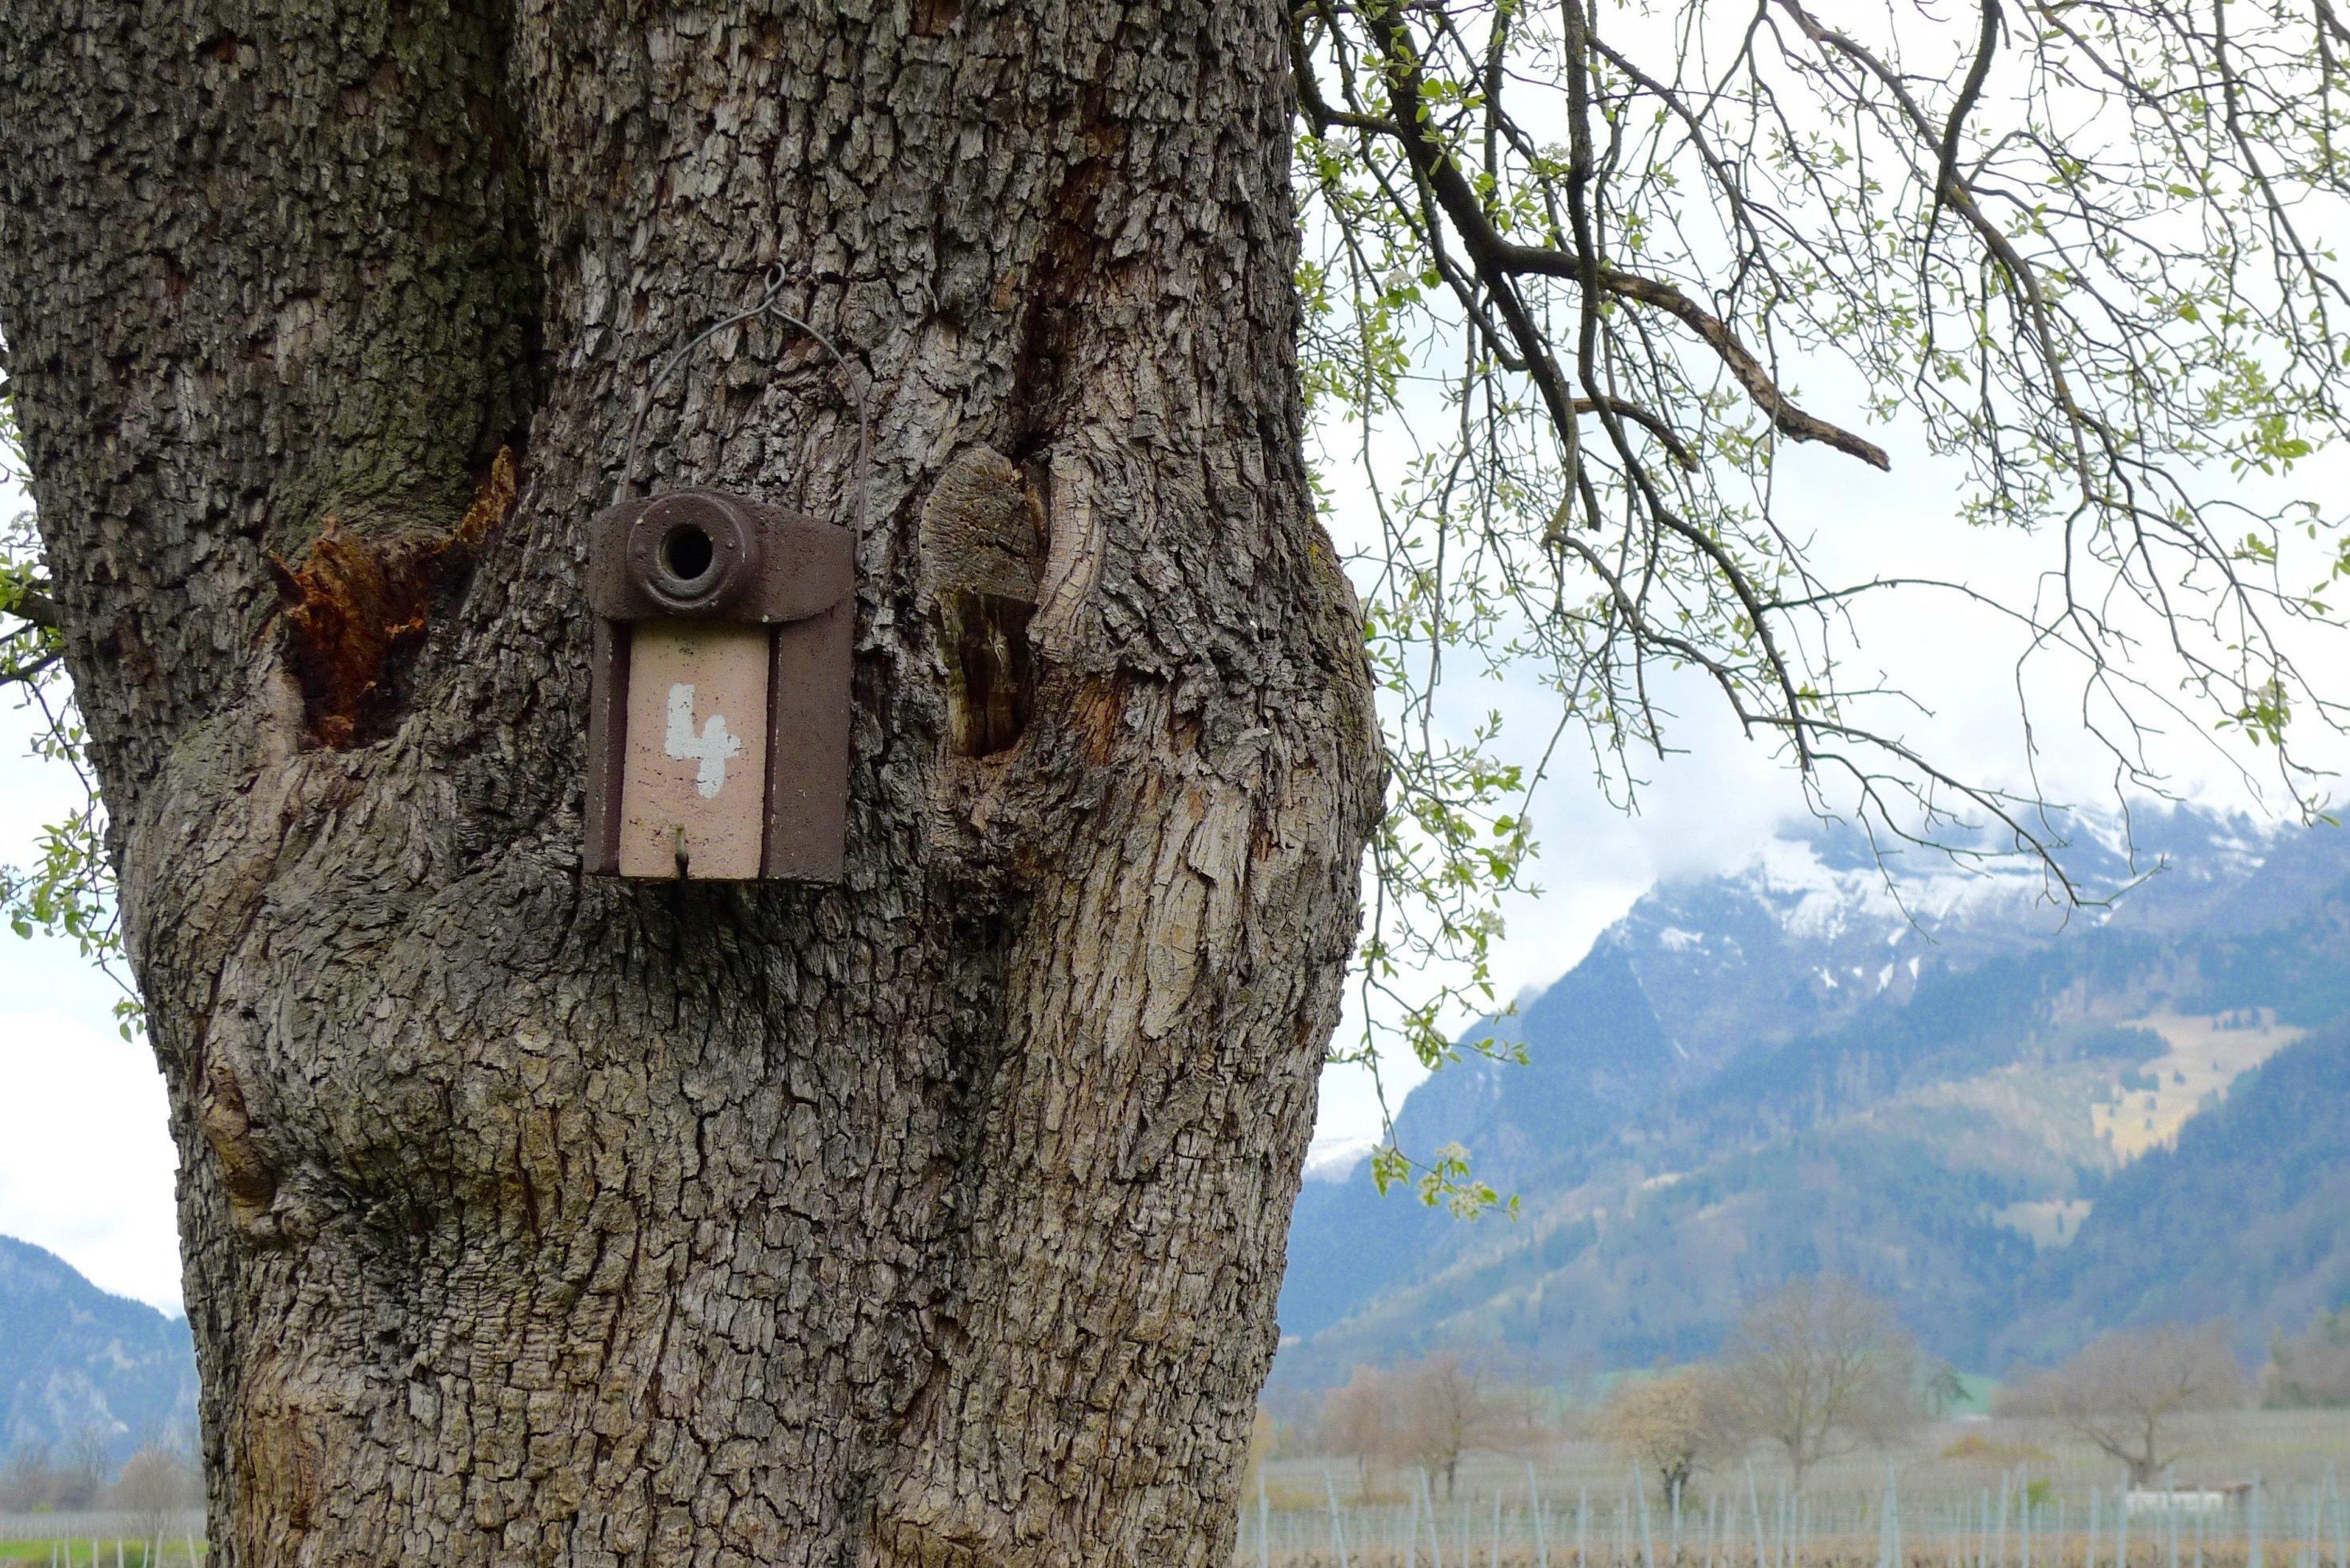 Nisthilfe für den Wendehals, an einem Baum angebracht.